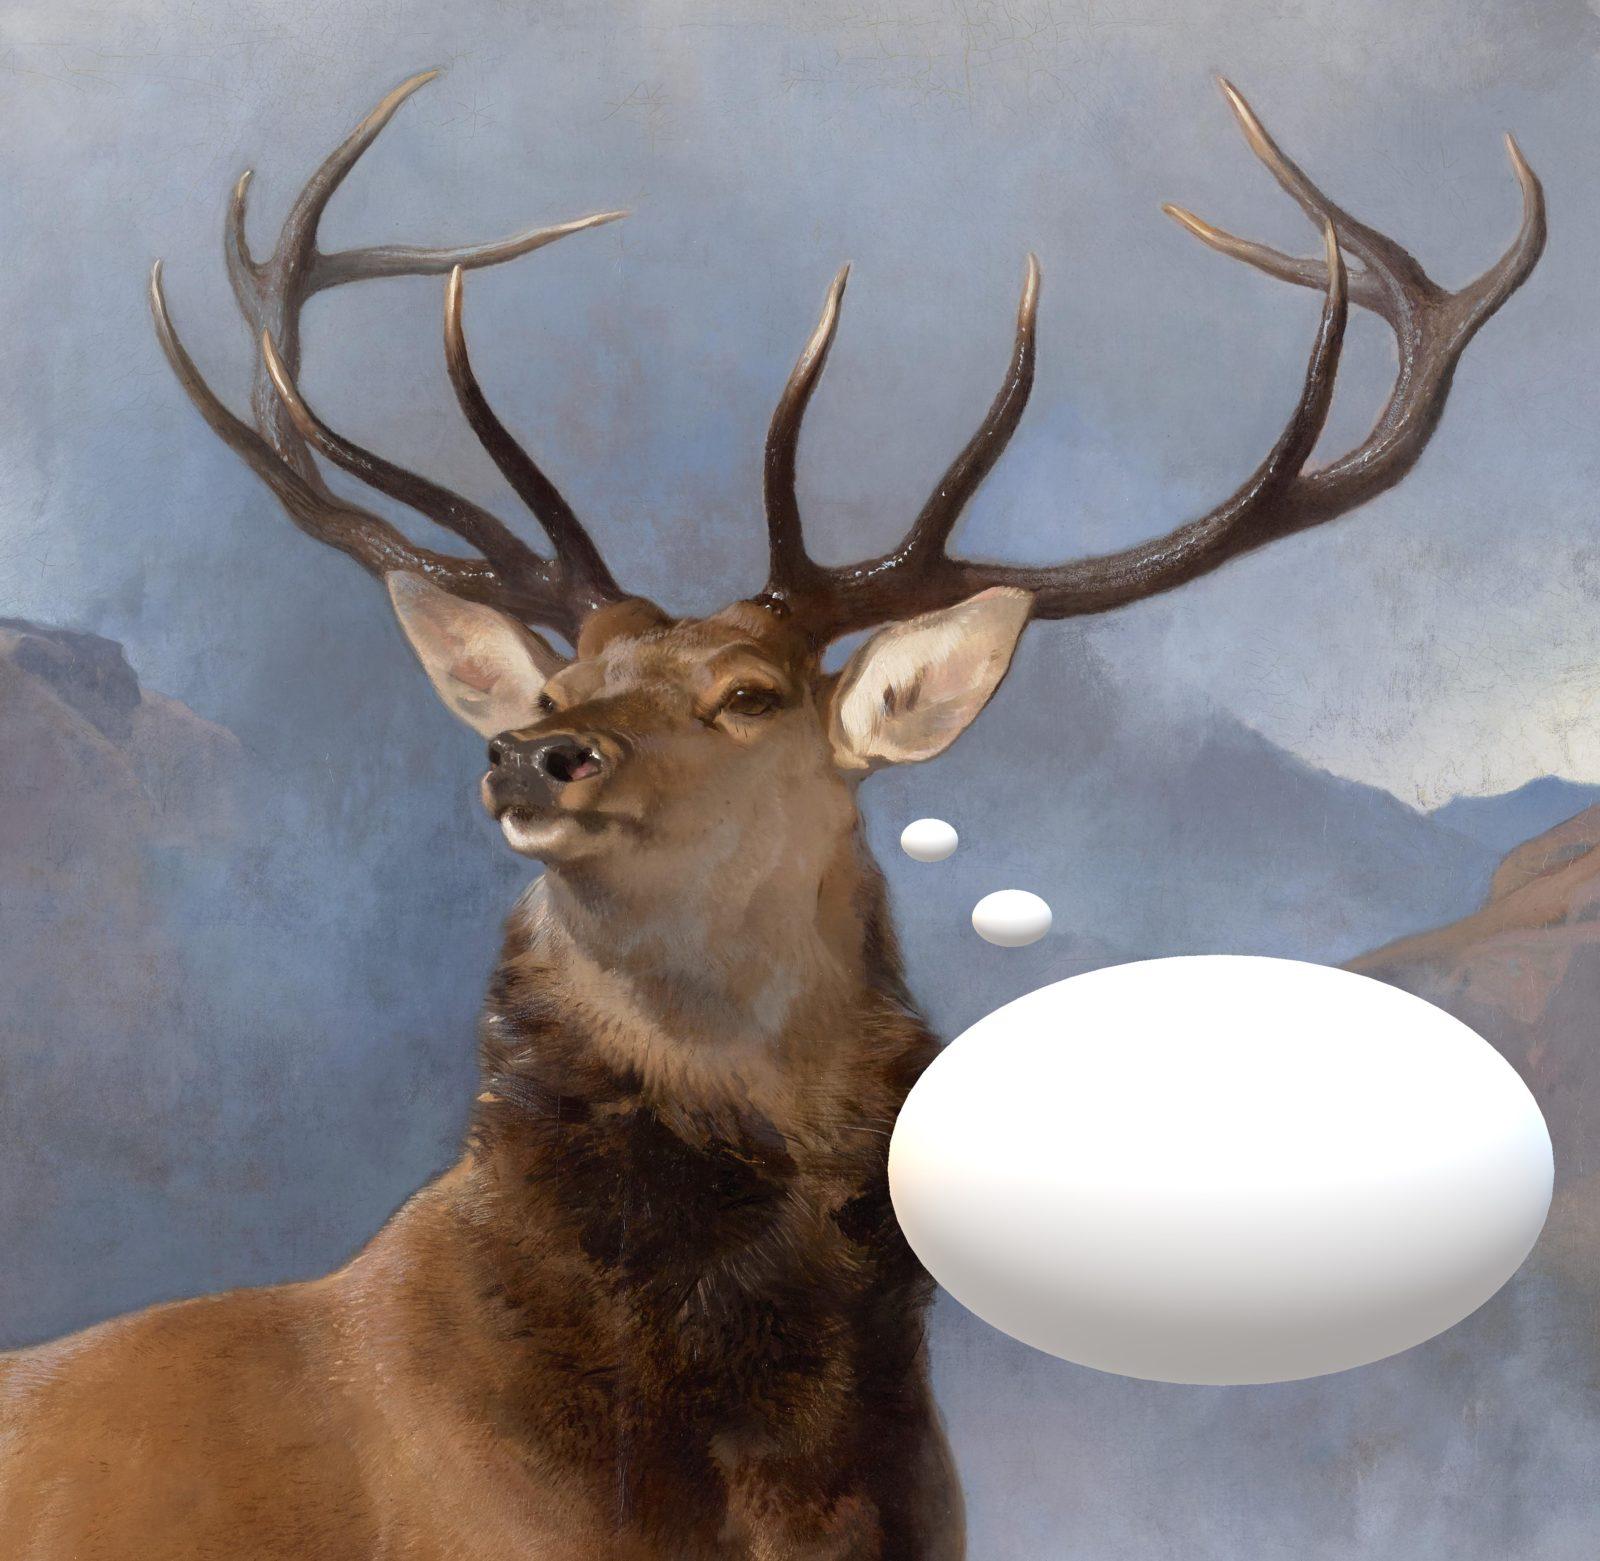 Obrazek kolorowy przedstawiający popiersie jelenia z okazałymi rogami. W tle widzać zamglone góry. Od głowy jelenia odchodzi pusty, biały dymek komiksowy.